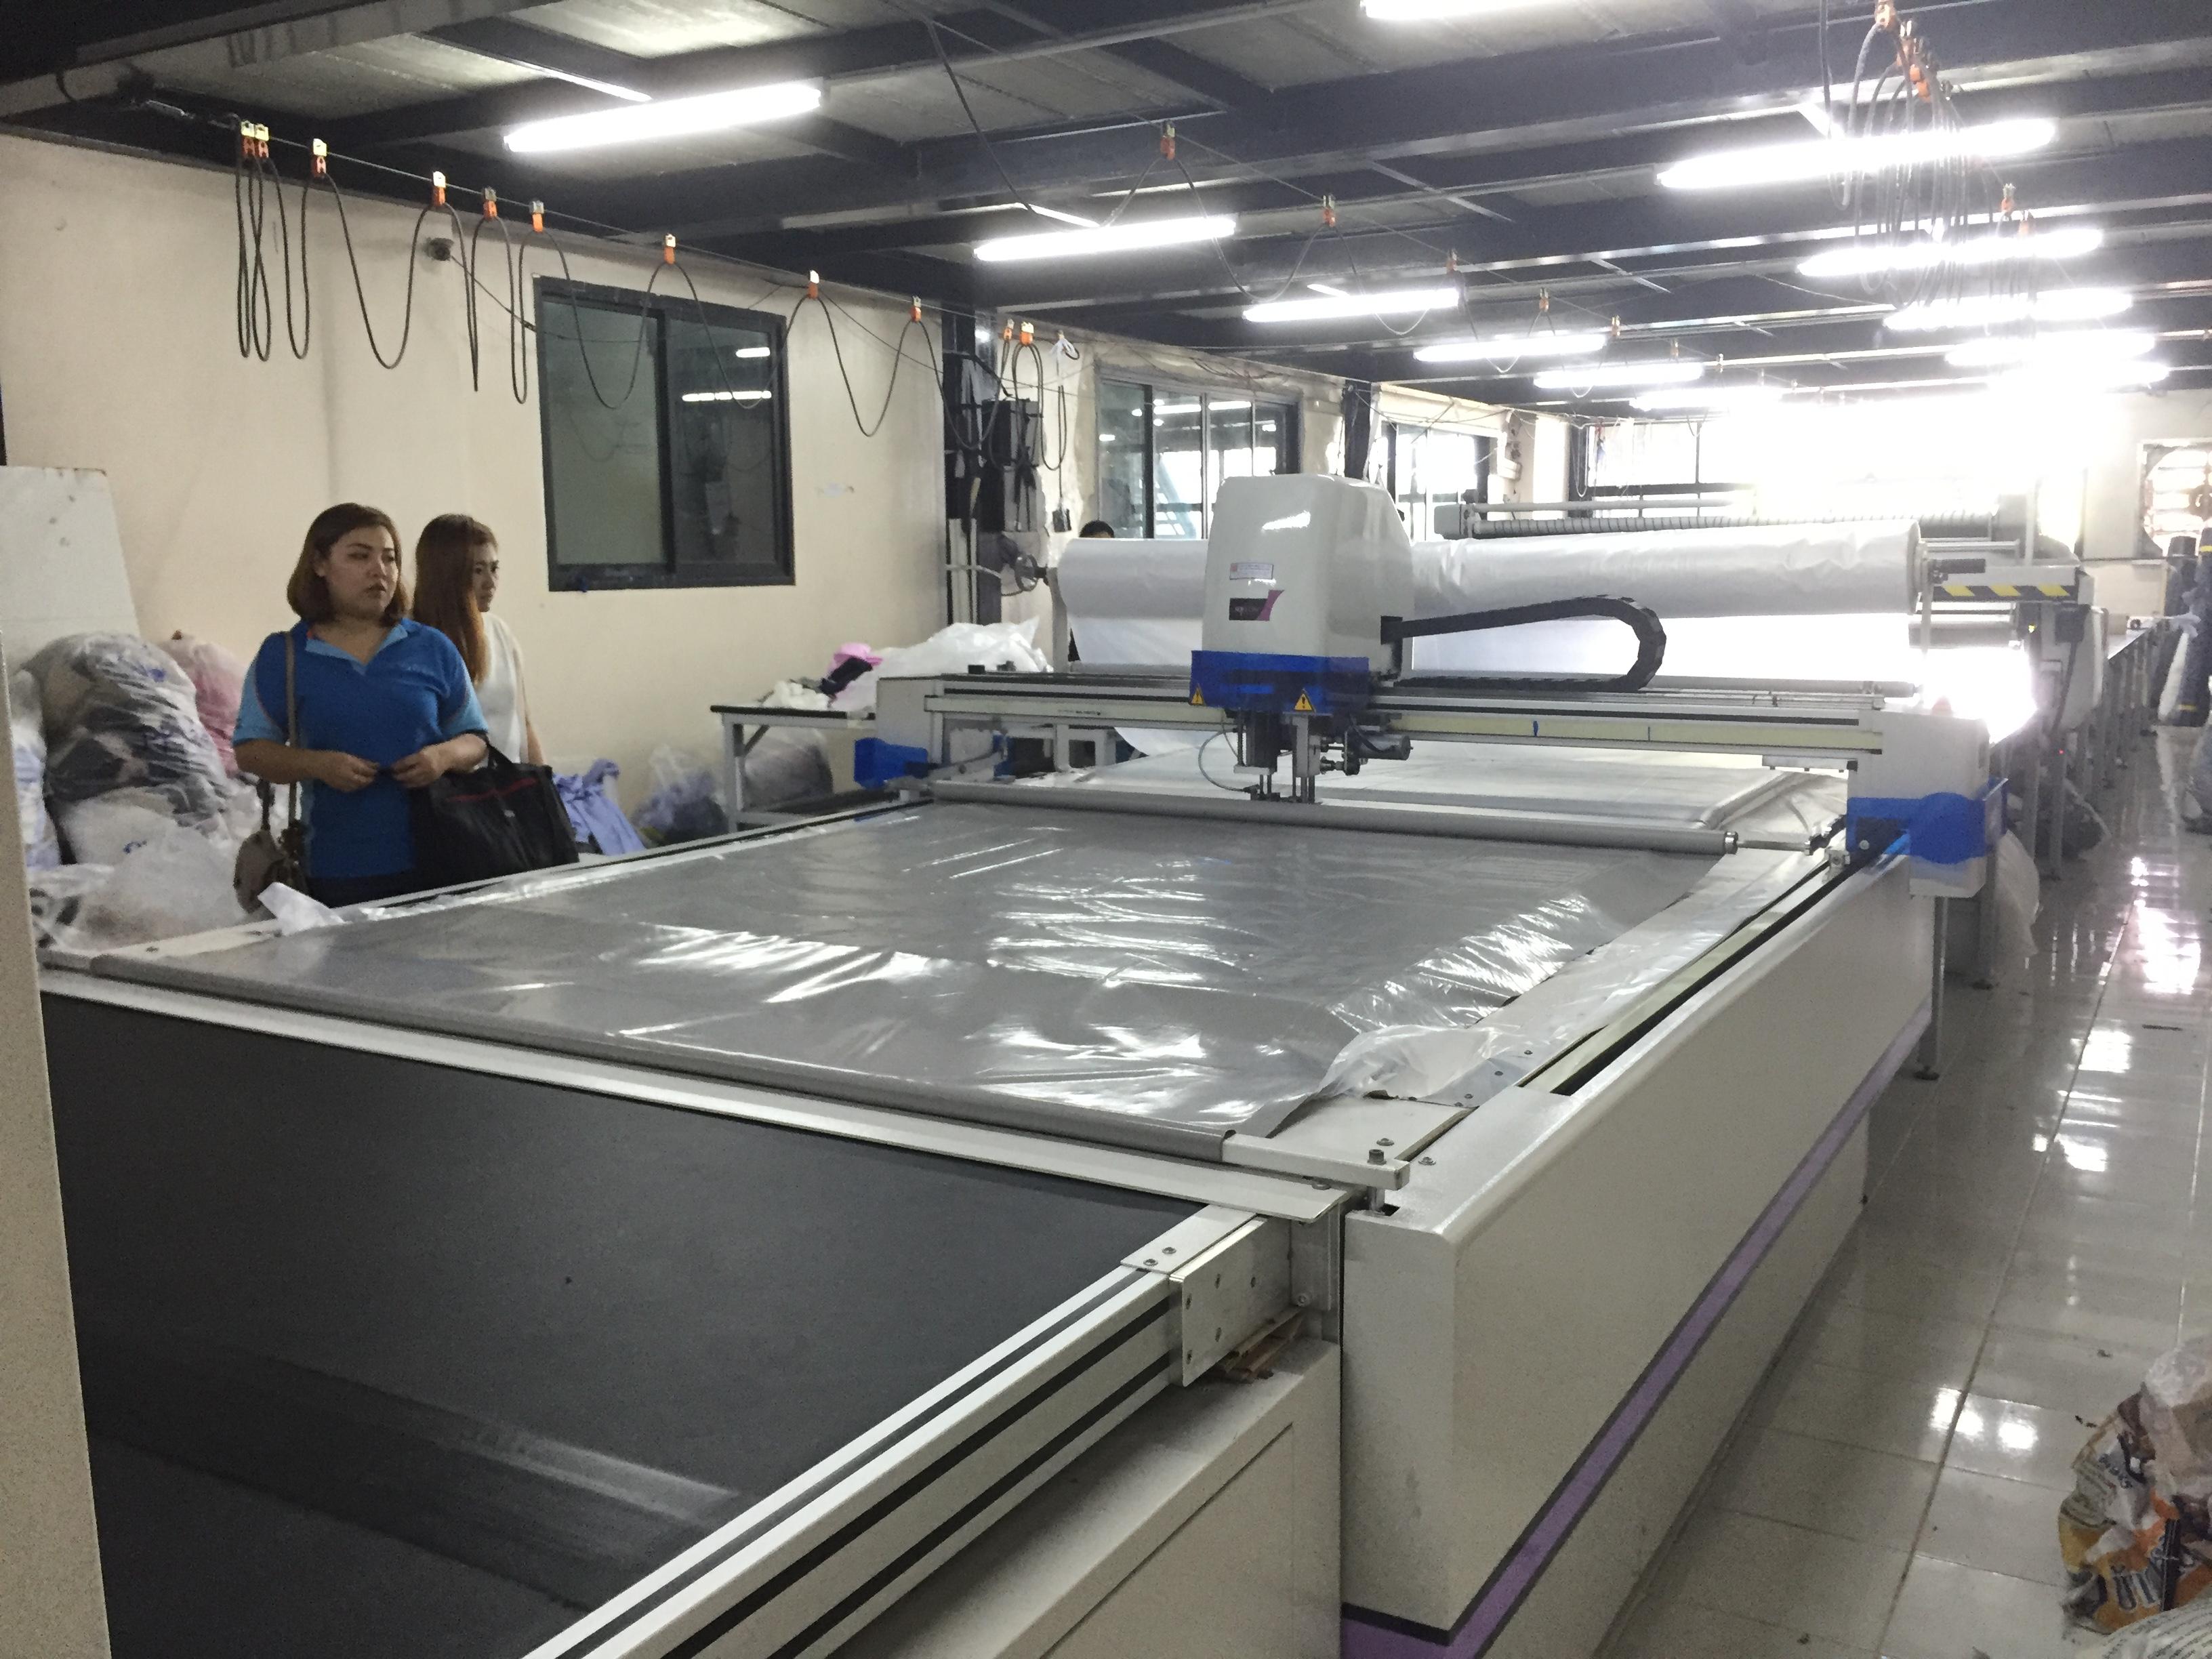 เยี่ยมลูกค้าใช้งานเครื่องตัดผ้าอัตโนมัติ